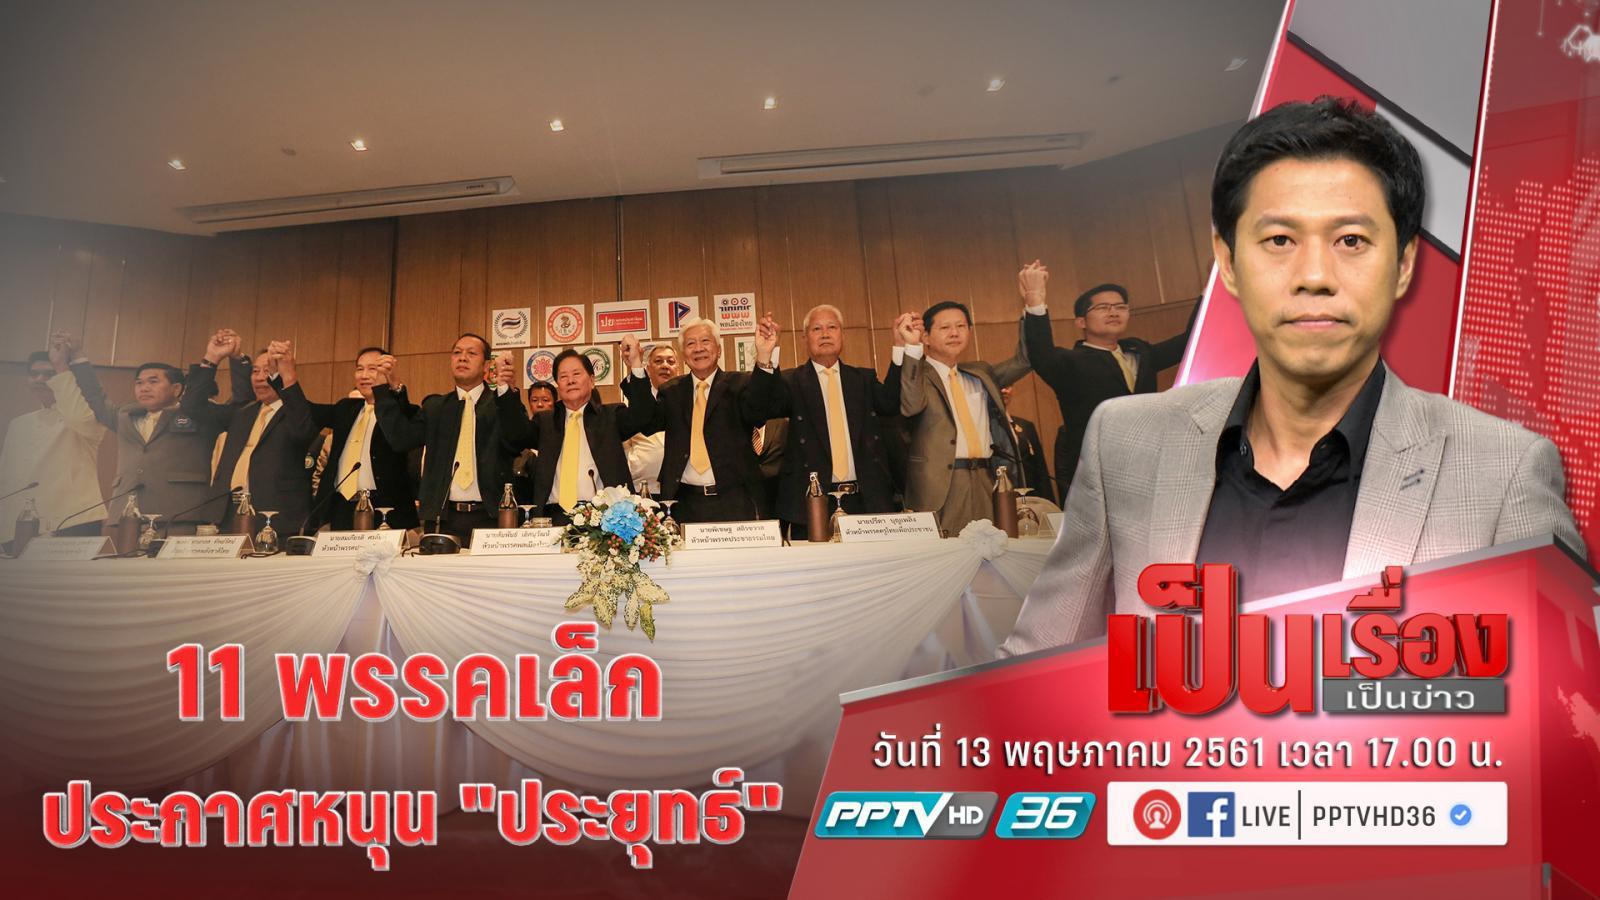 """""""11 พรรคเล็ก"""" ลั่น เปิดสวิตซ์ประเทศ ร่วมรัฐบาล พปชร. นำร่อง เชื่อ """"ปชป. – ภูมิใจไทย"""" เดินตาม"""